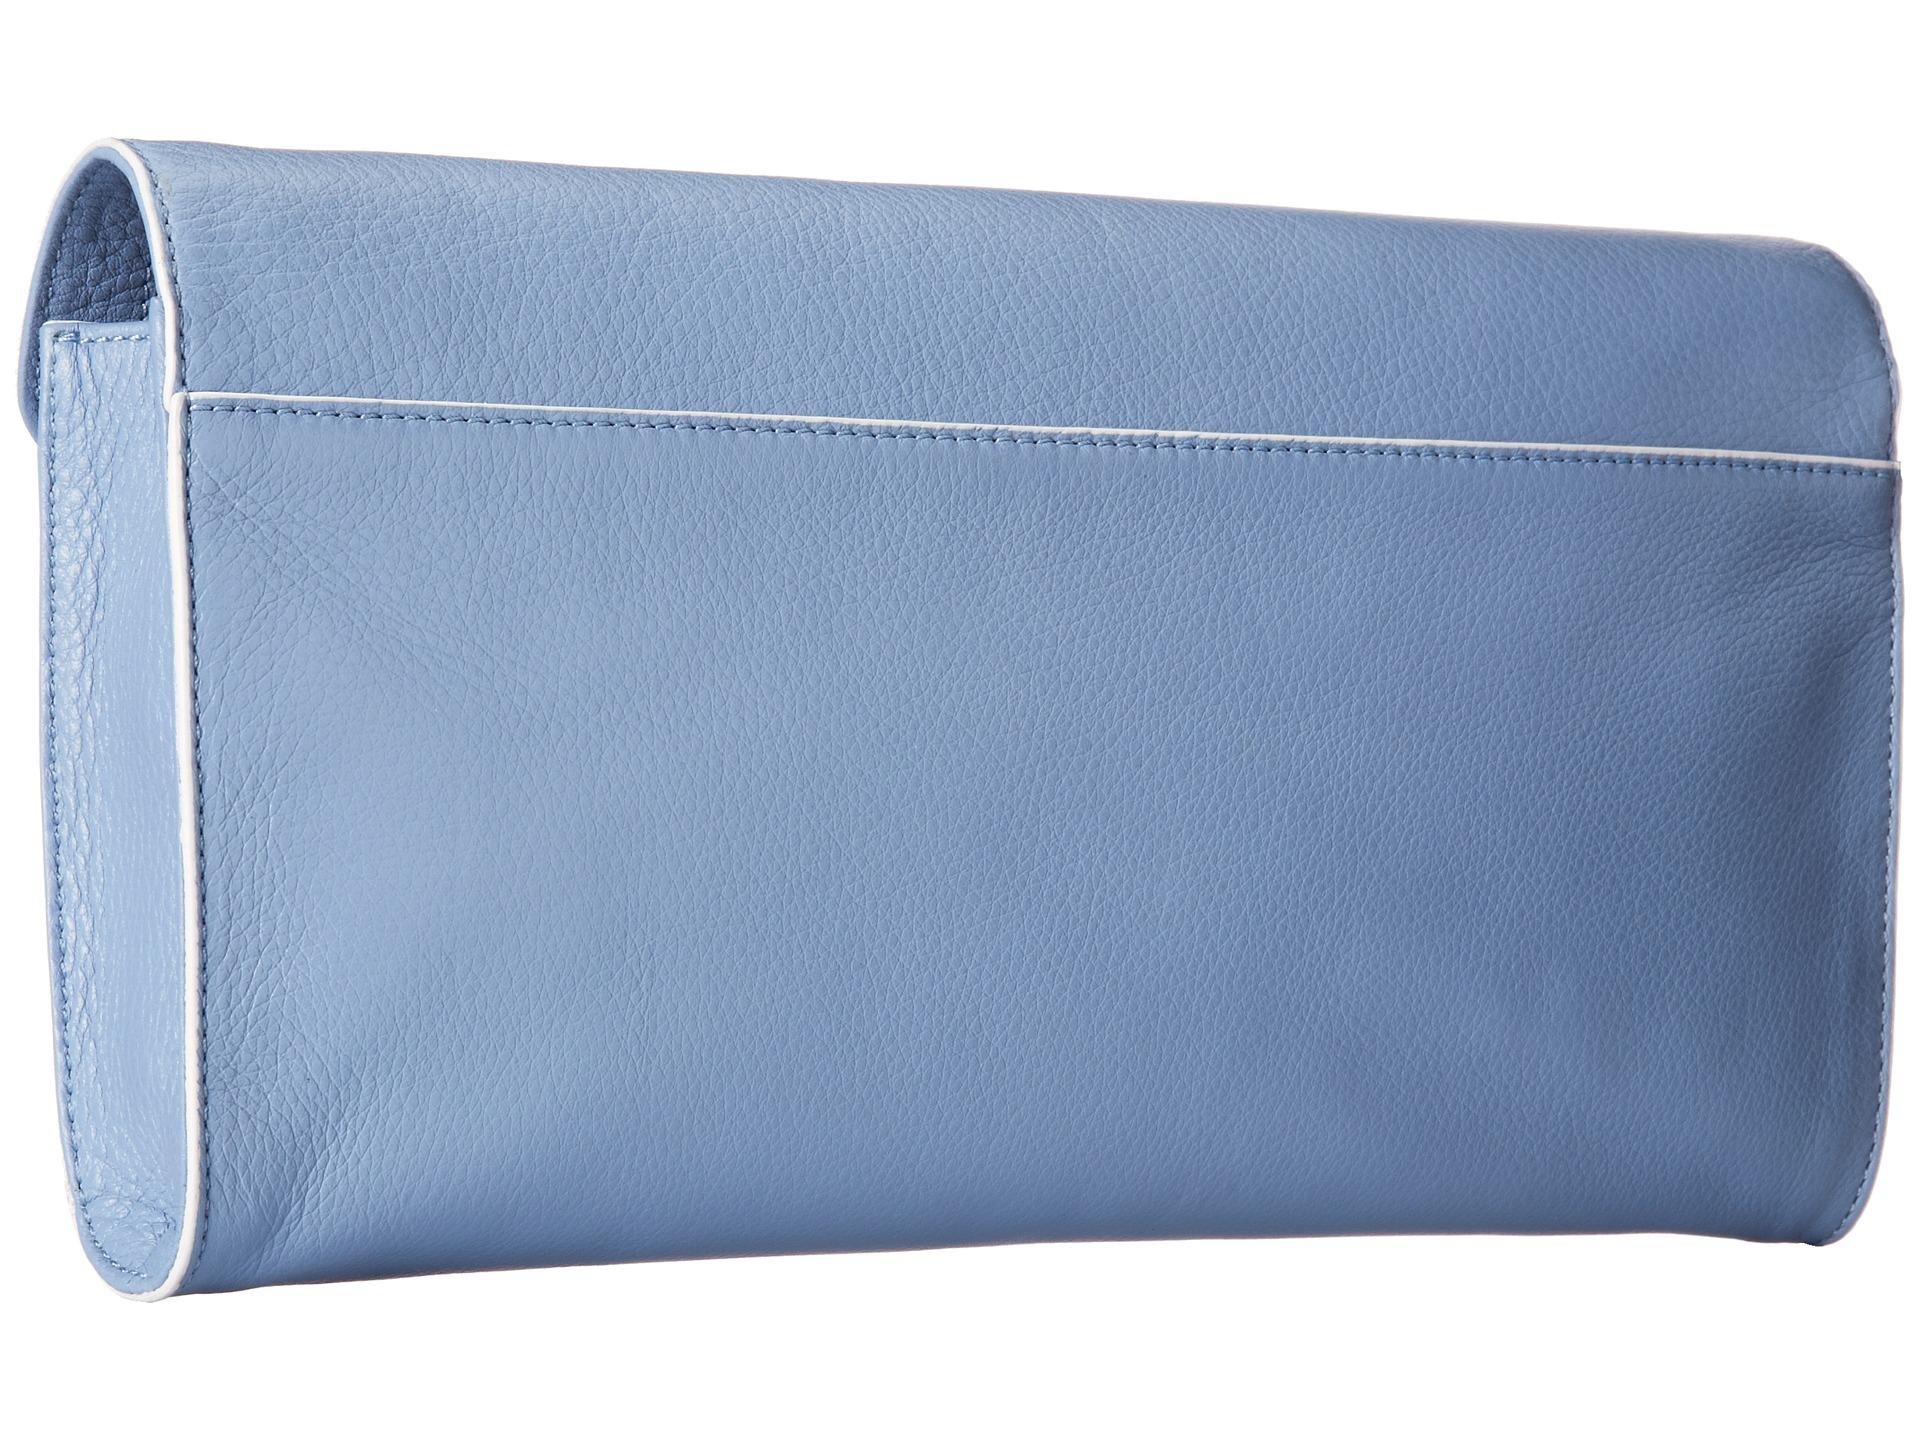 40c7c7aeeb22 Lyst - Vera Bradley Harper Clutch in Blue